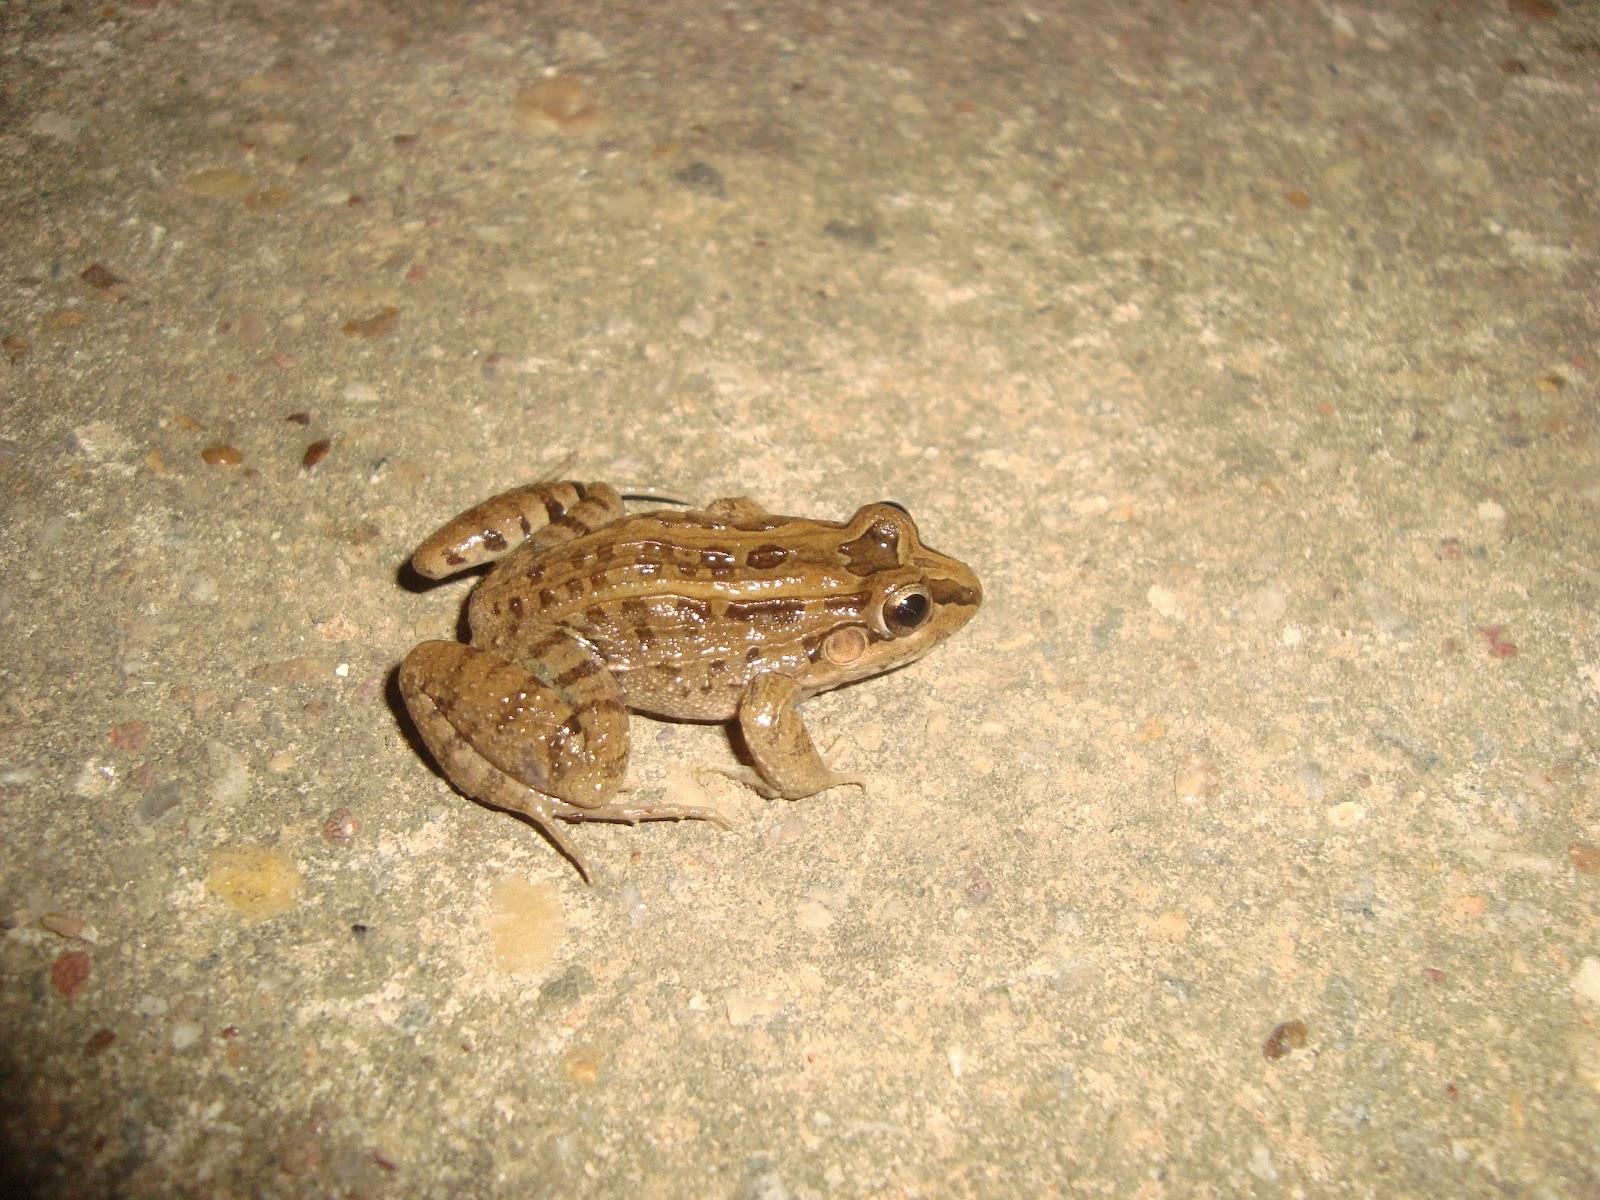 http://4.bp.blogspot.com/-h3ysTIhi5J8/UCxNFMdVHYI/AAAAAAAAAF4/fbARLuNT1zI/s1600/Ca%C3%A7ote+ou+R%C3%A3+manteiga+(Leptodactylus+ocellatus)3.JPG